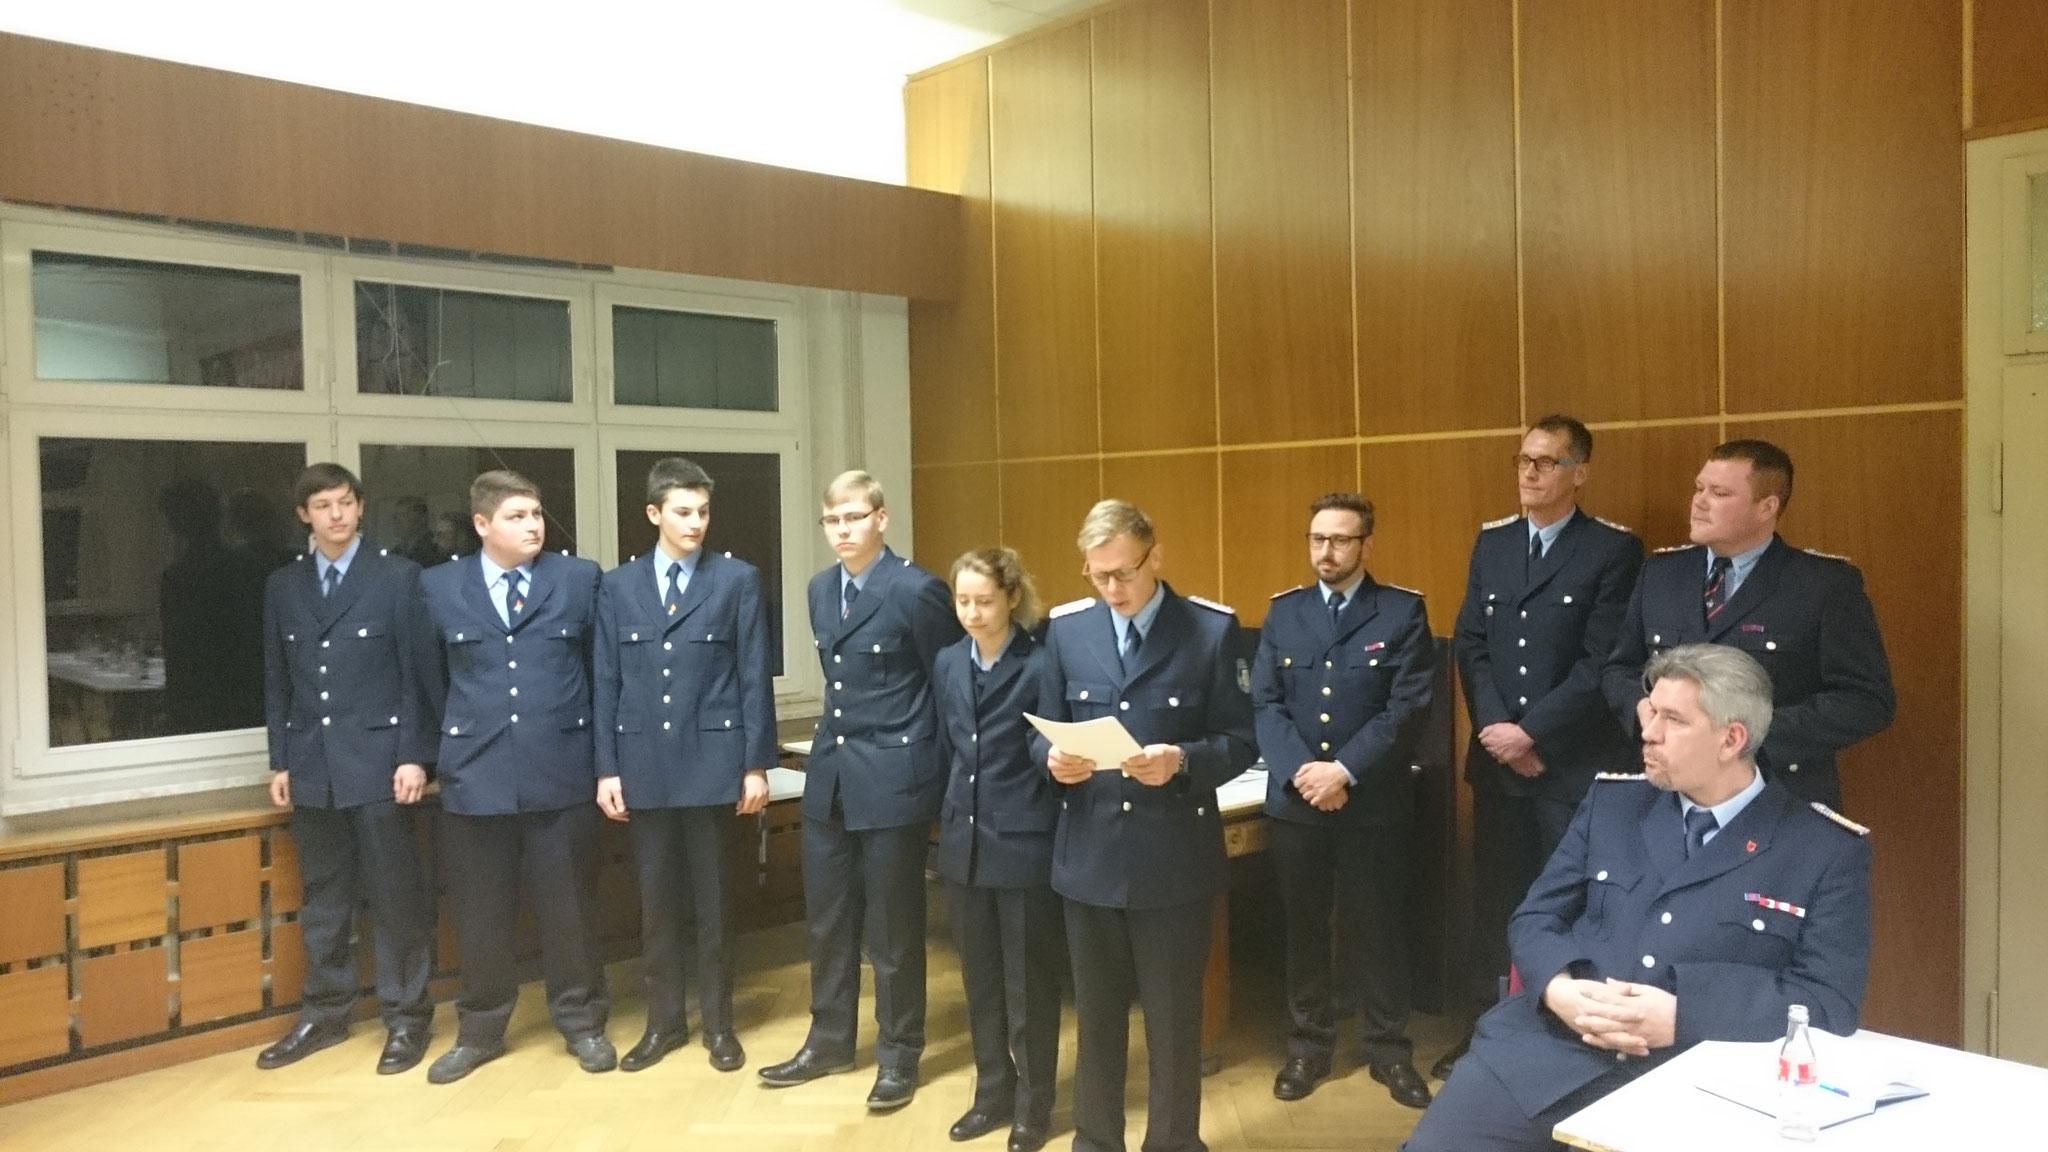 Ehrung der neuen Feuerwehrmänner/frauen